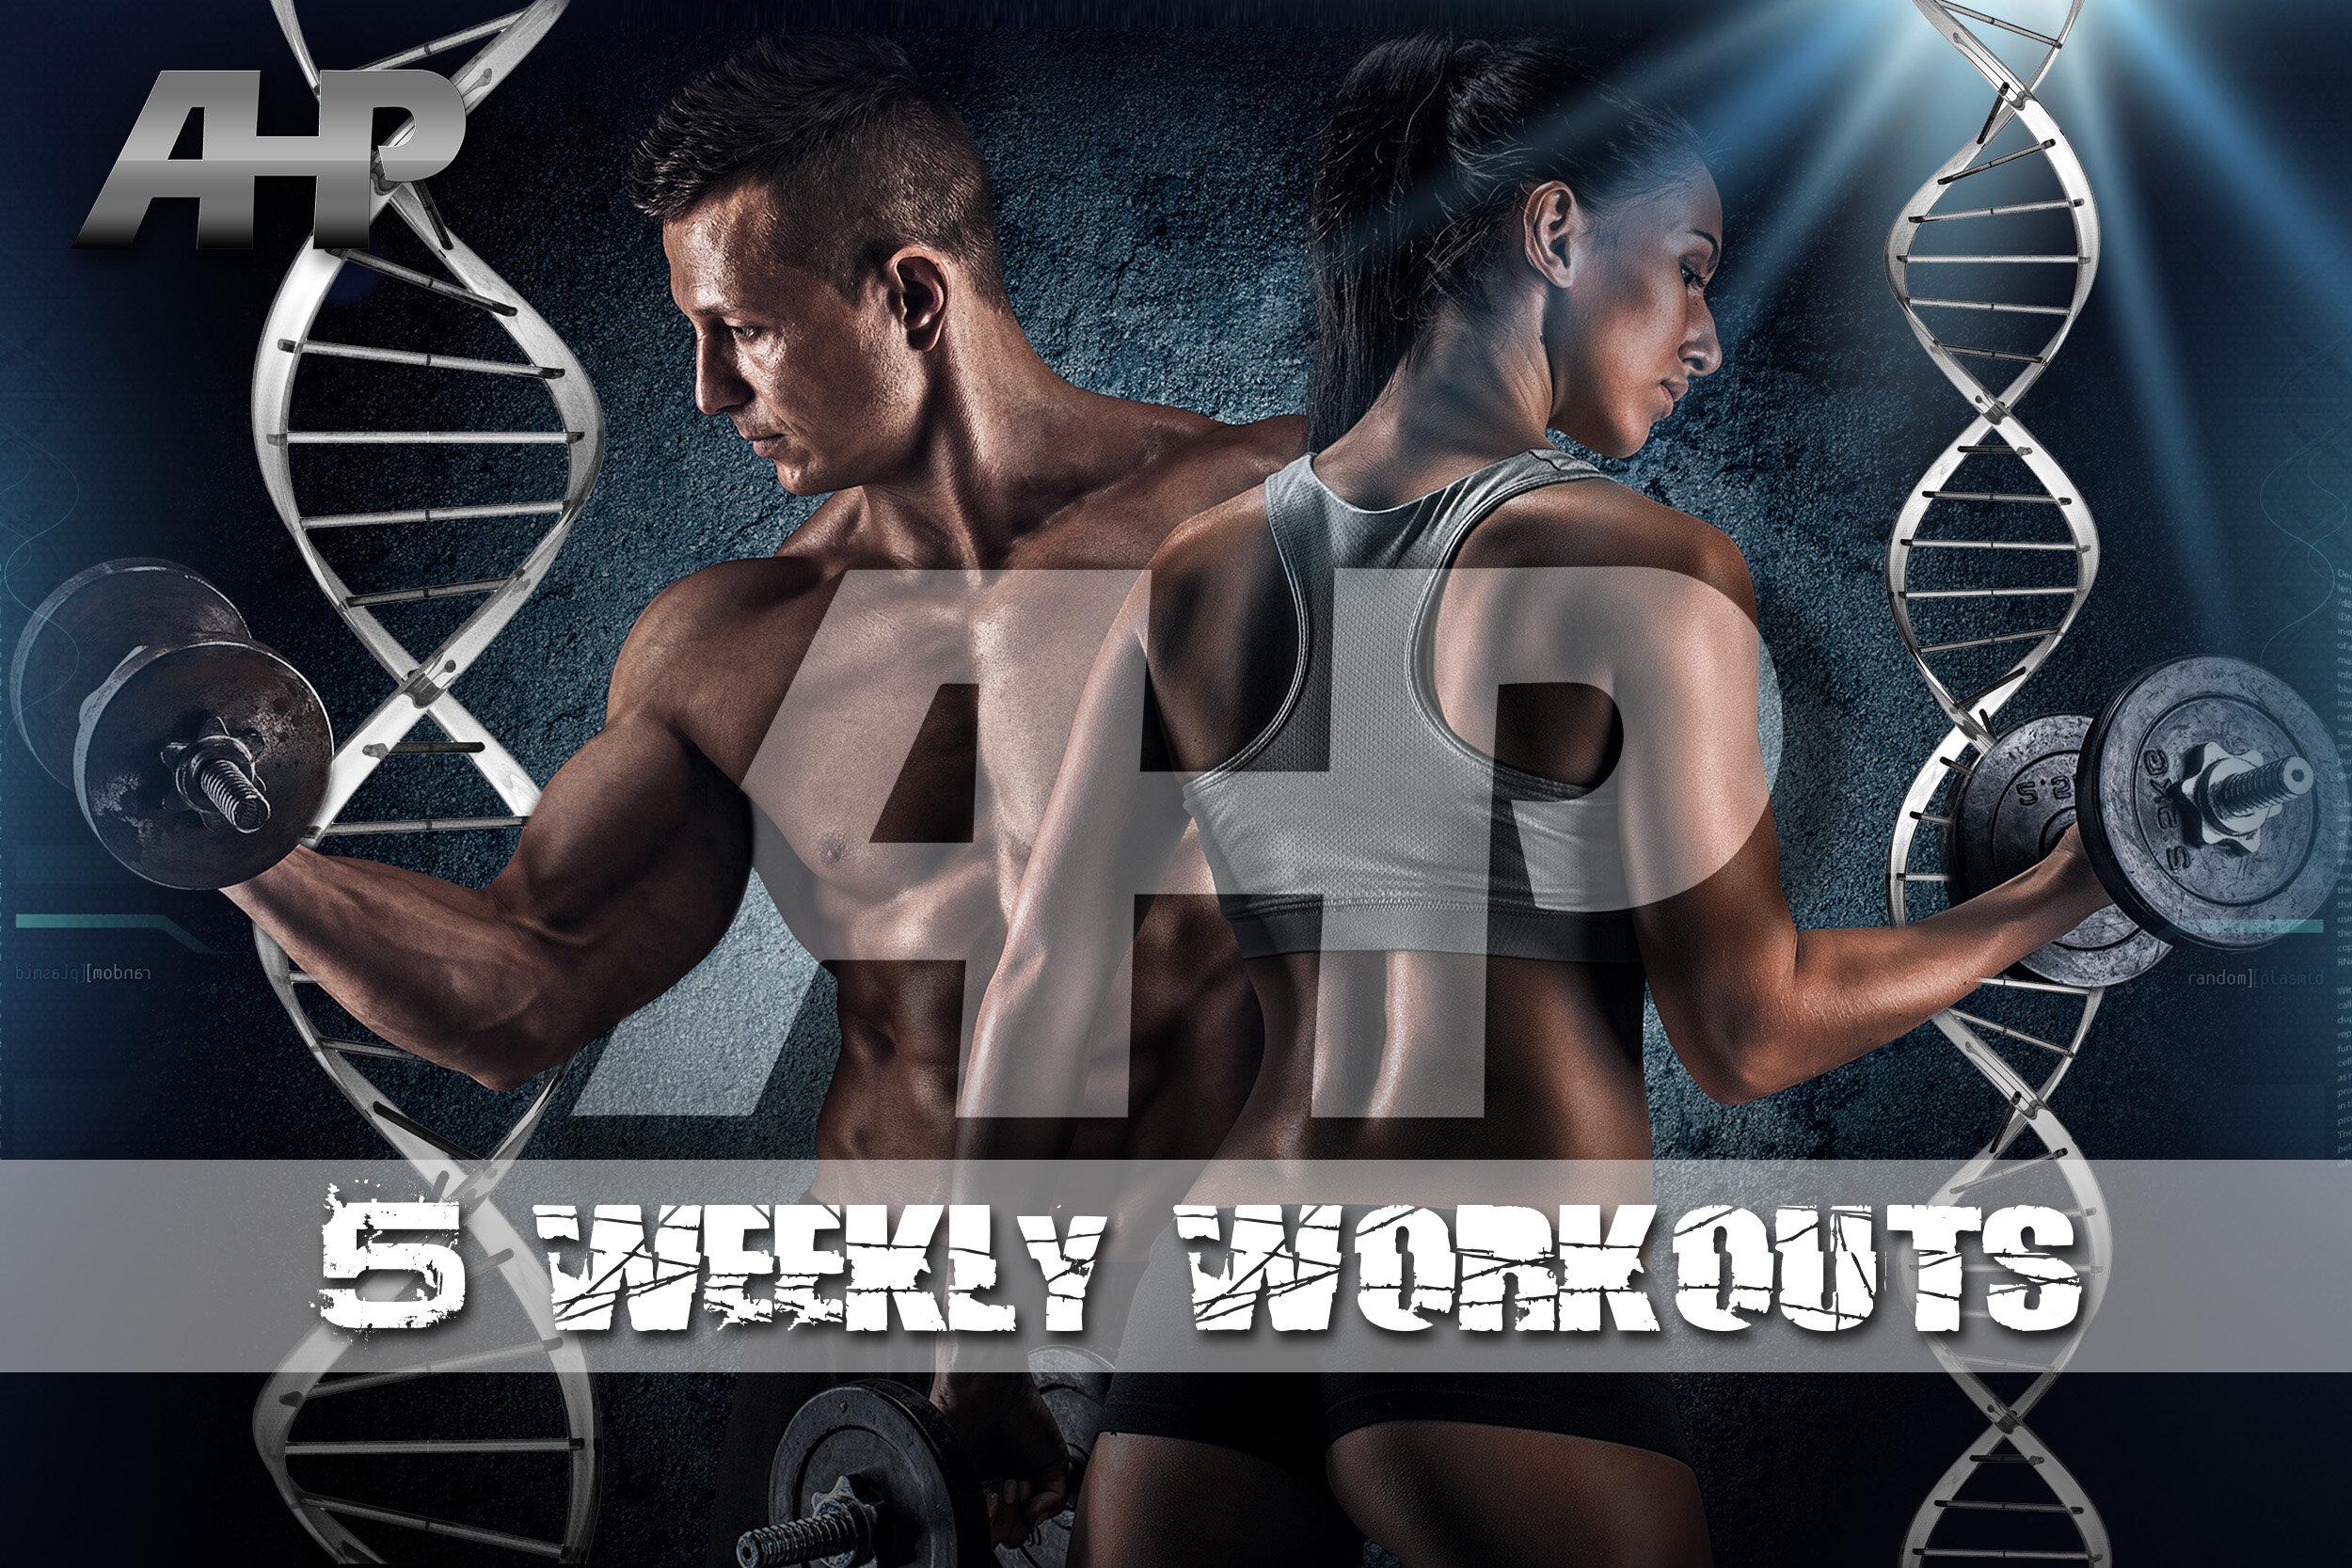 5 Weekly Workouts Thumbnail (AHP).jpg